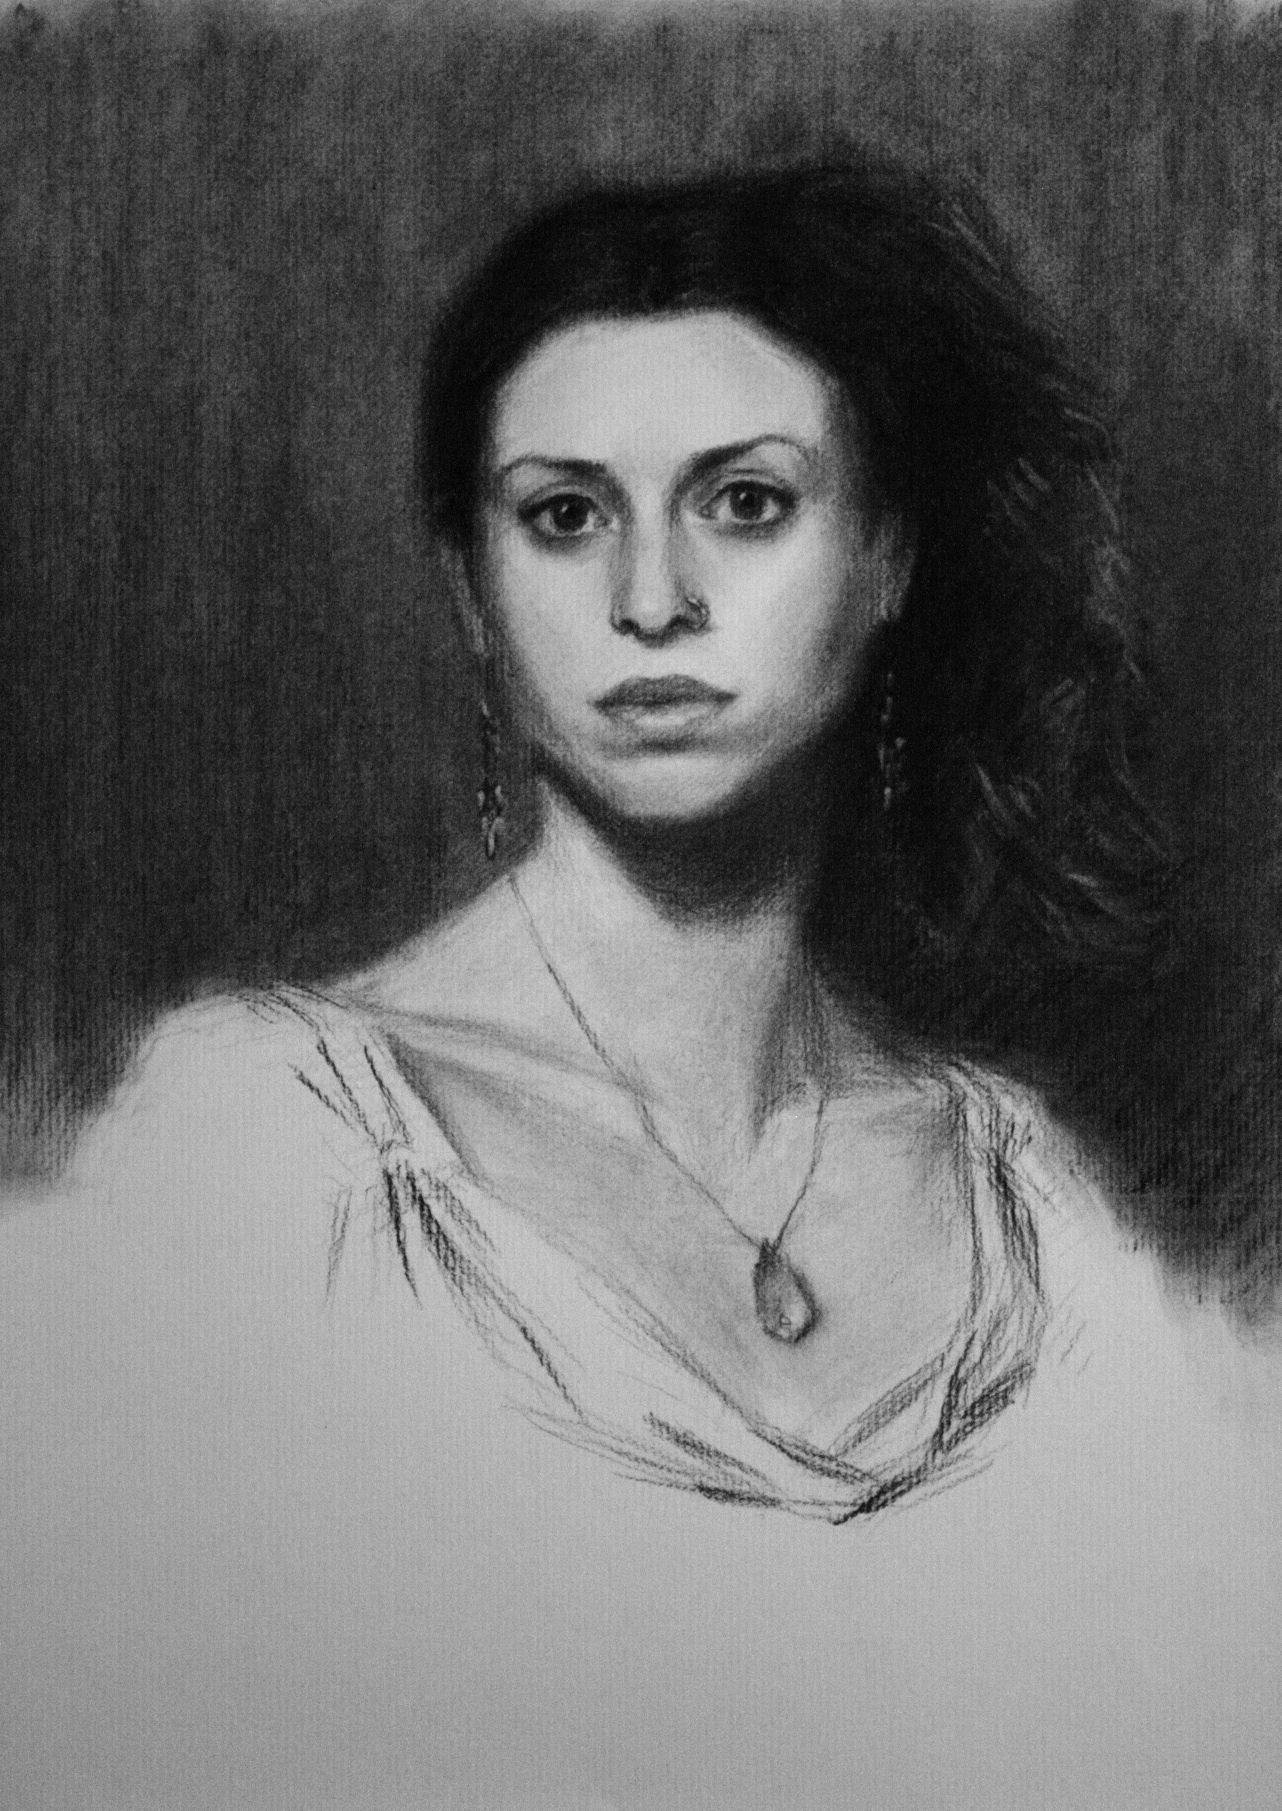 Ambra, Charcoal on Paper, 60 x 42cm, 2008